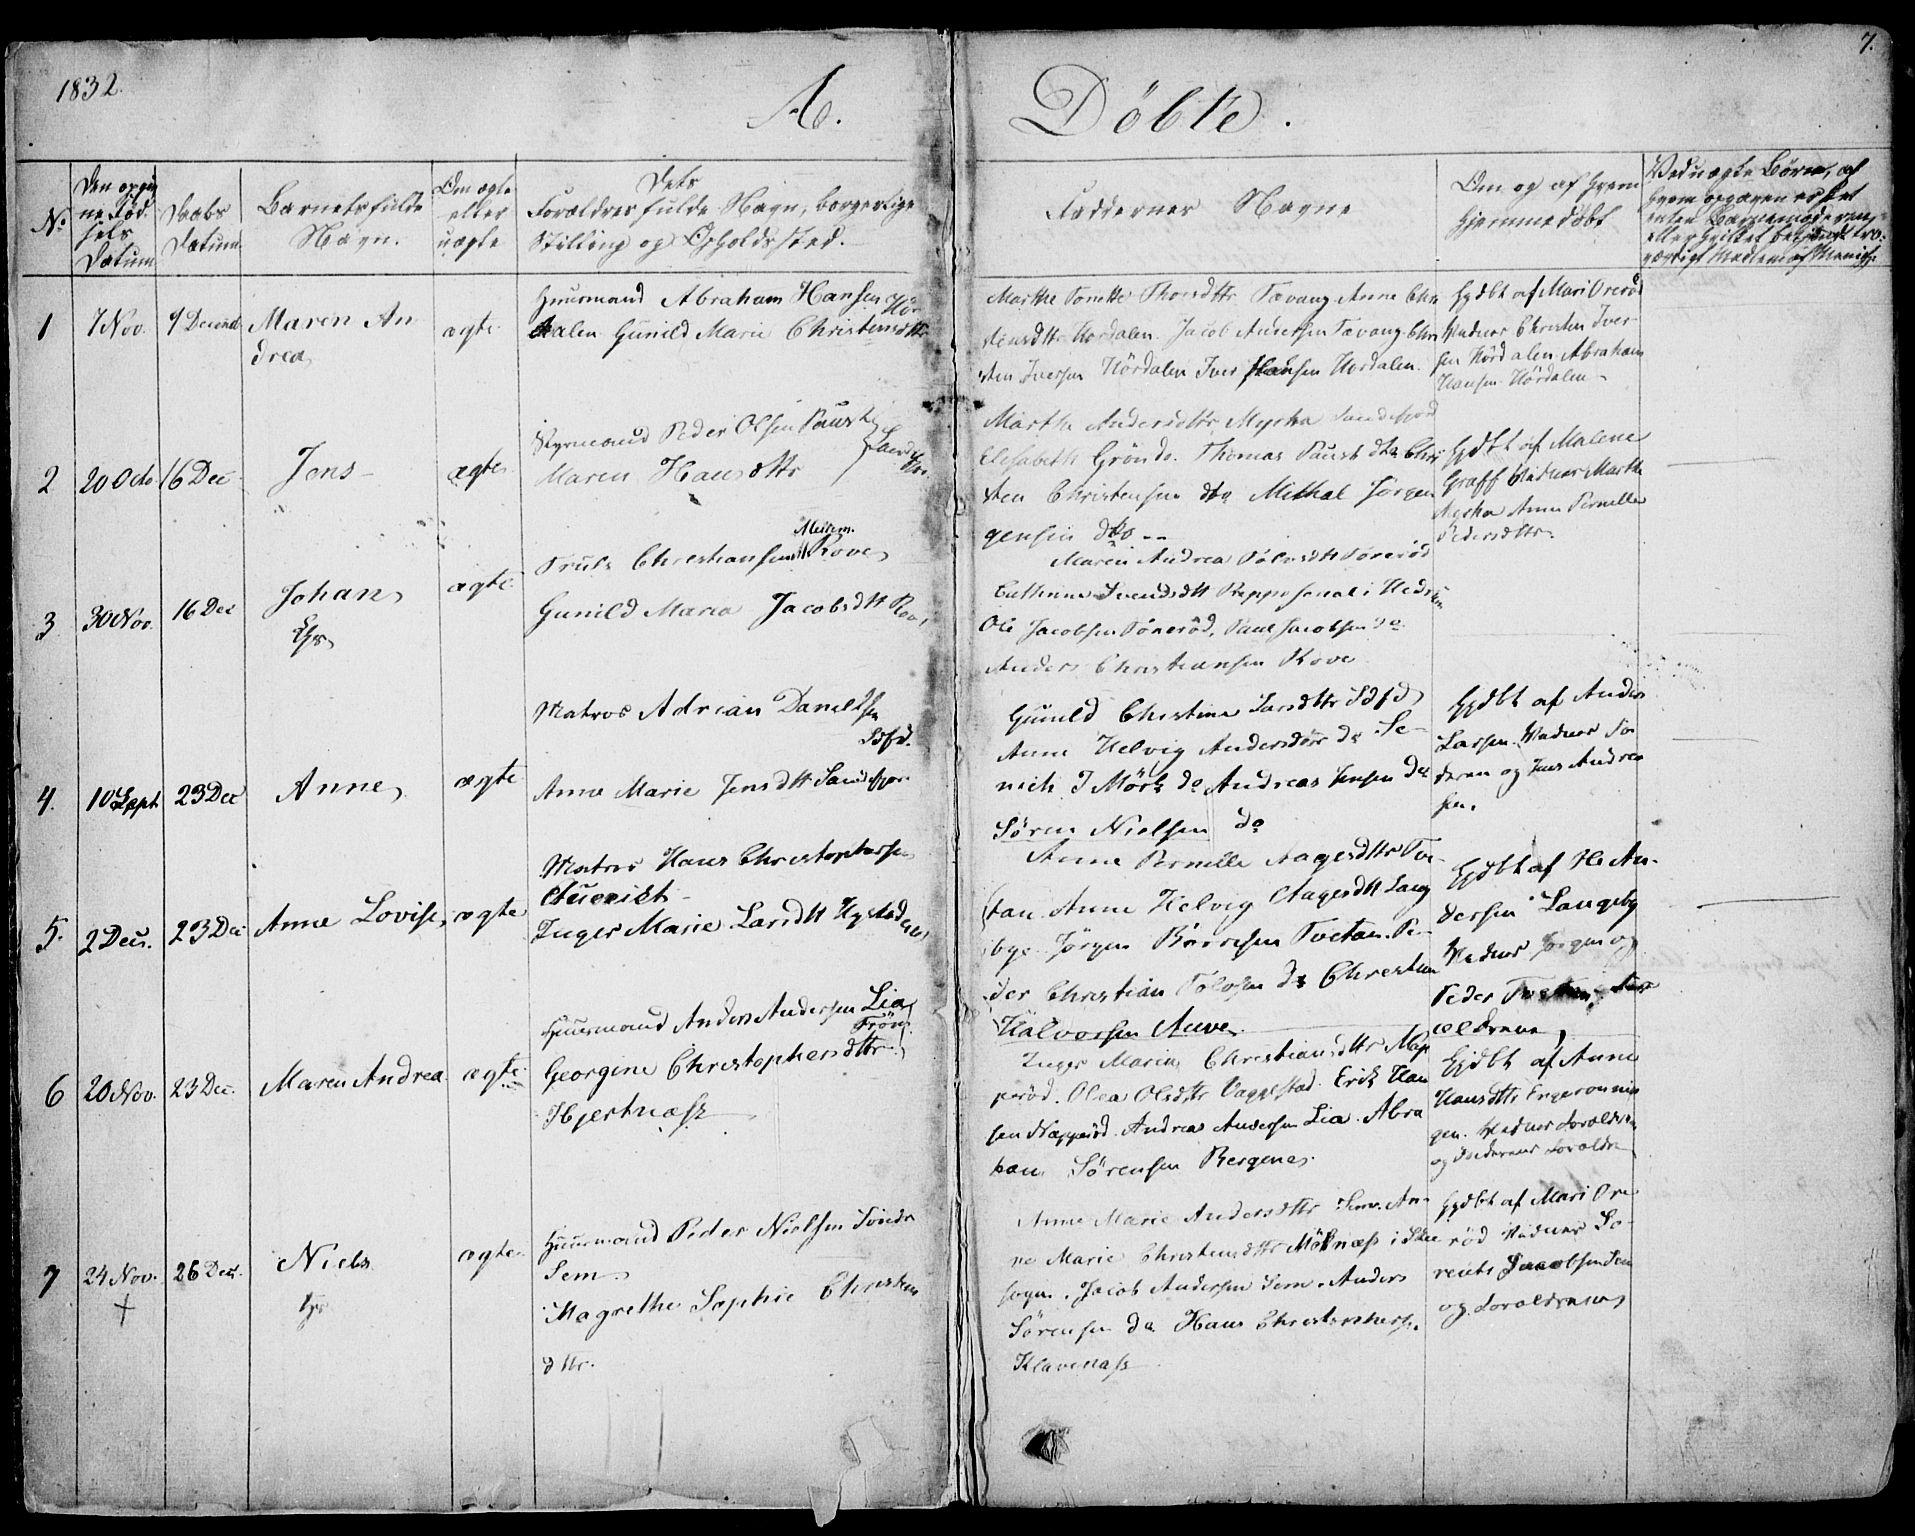 SAKO, Sandar kirkebøker, F/Fa/L0005: Ministerialbok nr. 5, 1832-1847, s. 6-7